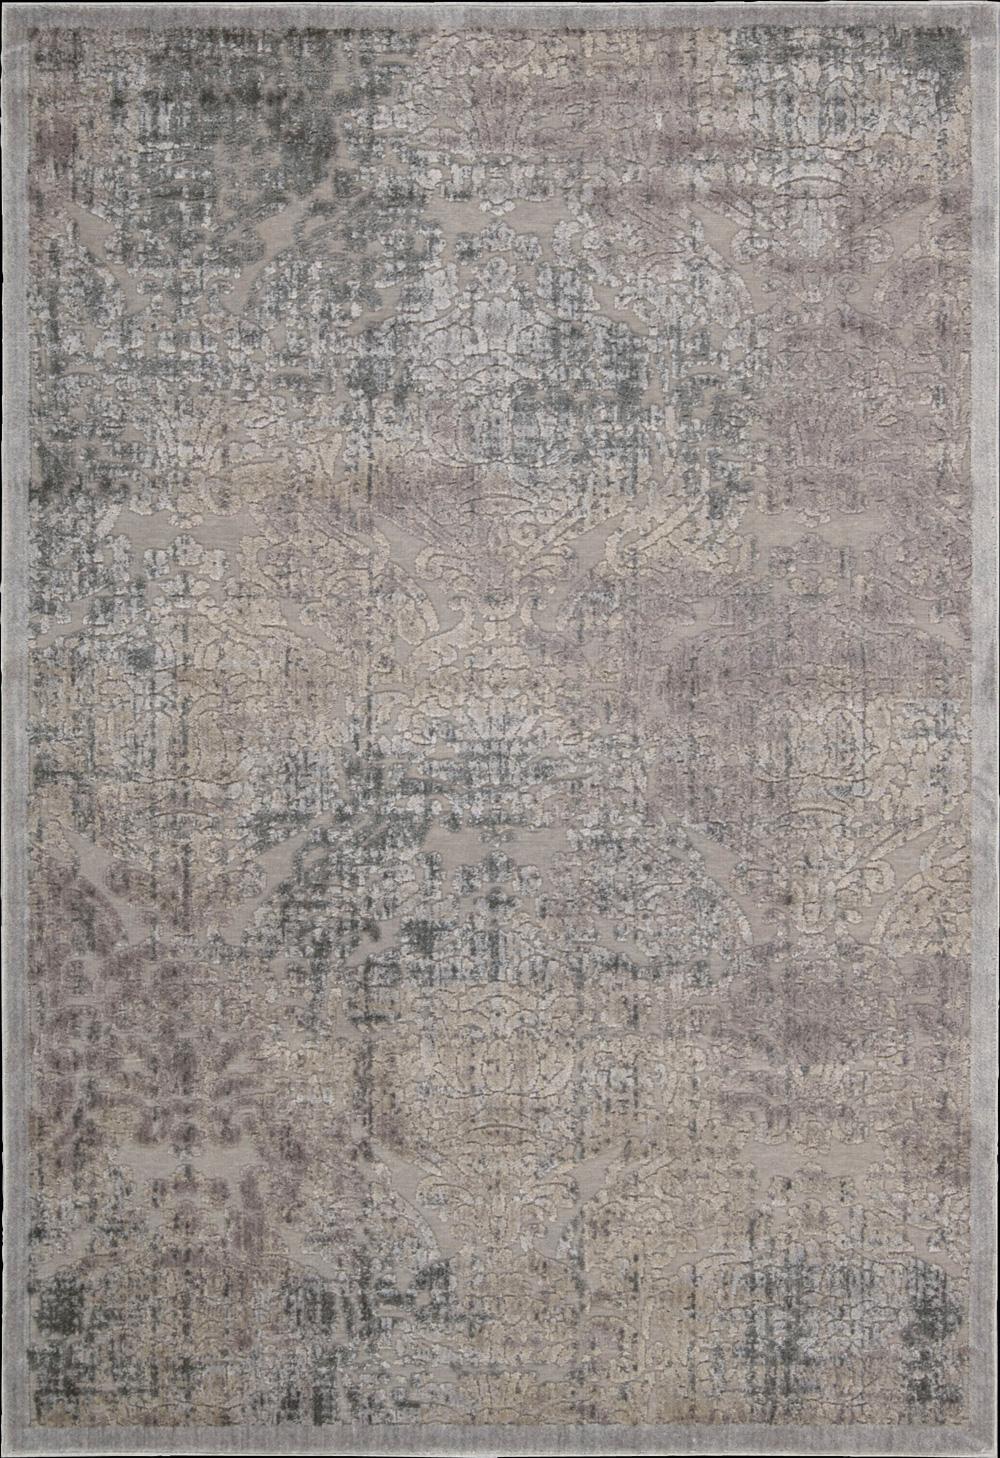 """Nourison Graphic Illusions Area Rug 3'6"""" x 5'6"""" - Item Number: 13157"""